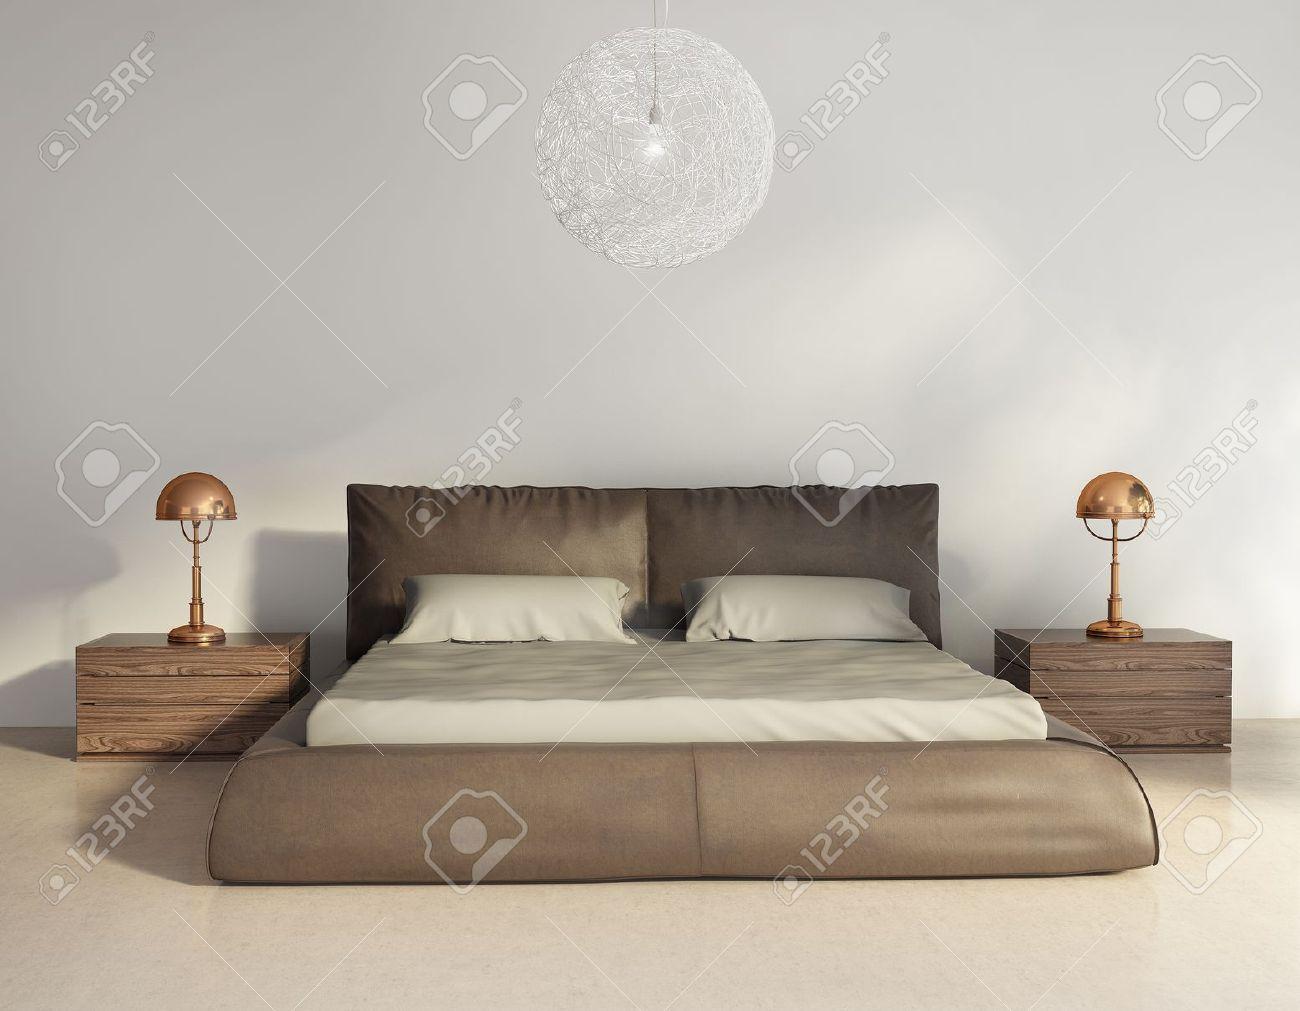 Chambre à coucher moderne banque d'images, vecteurs et ...